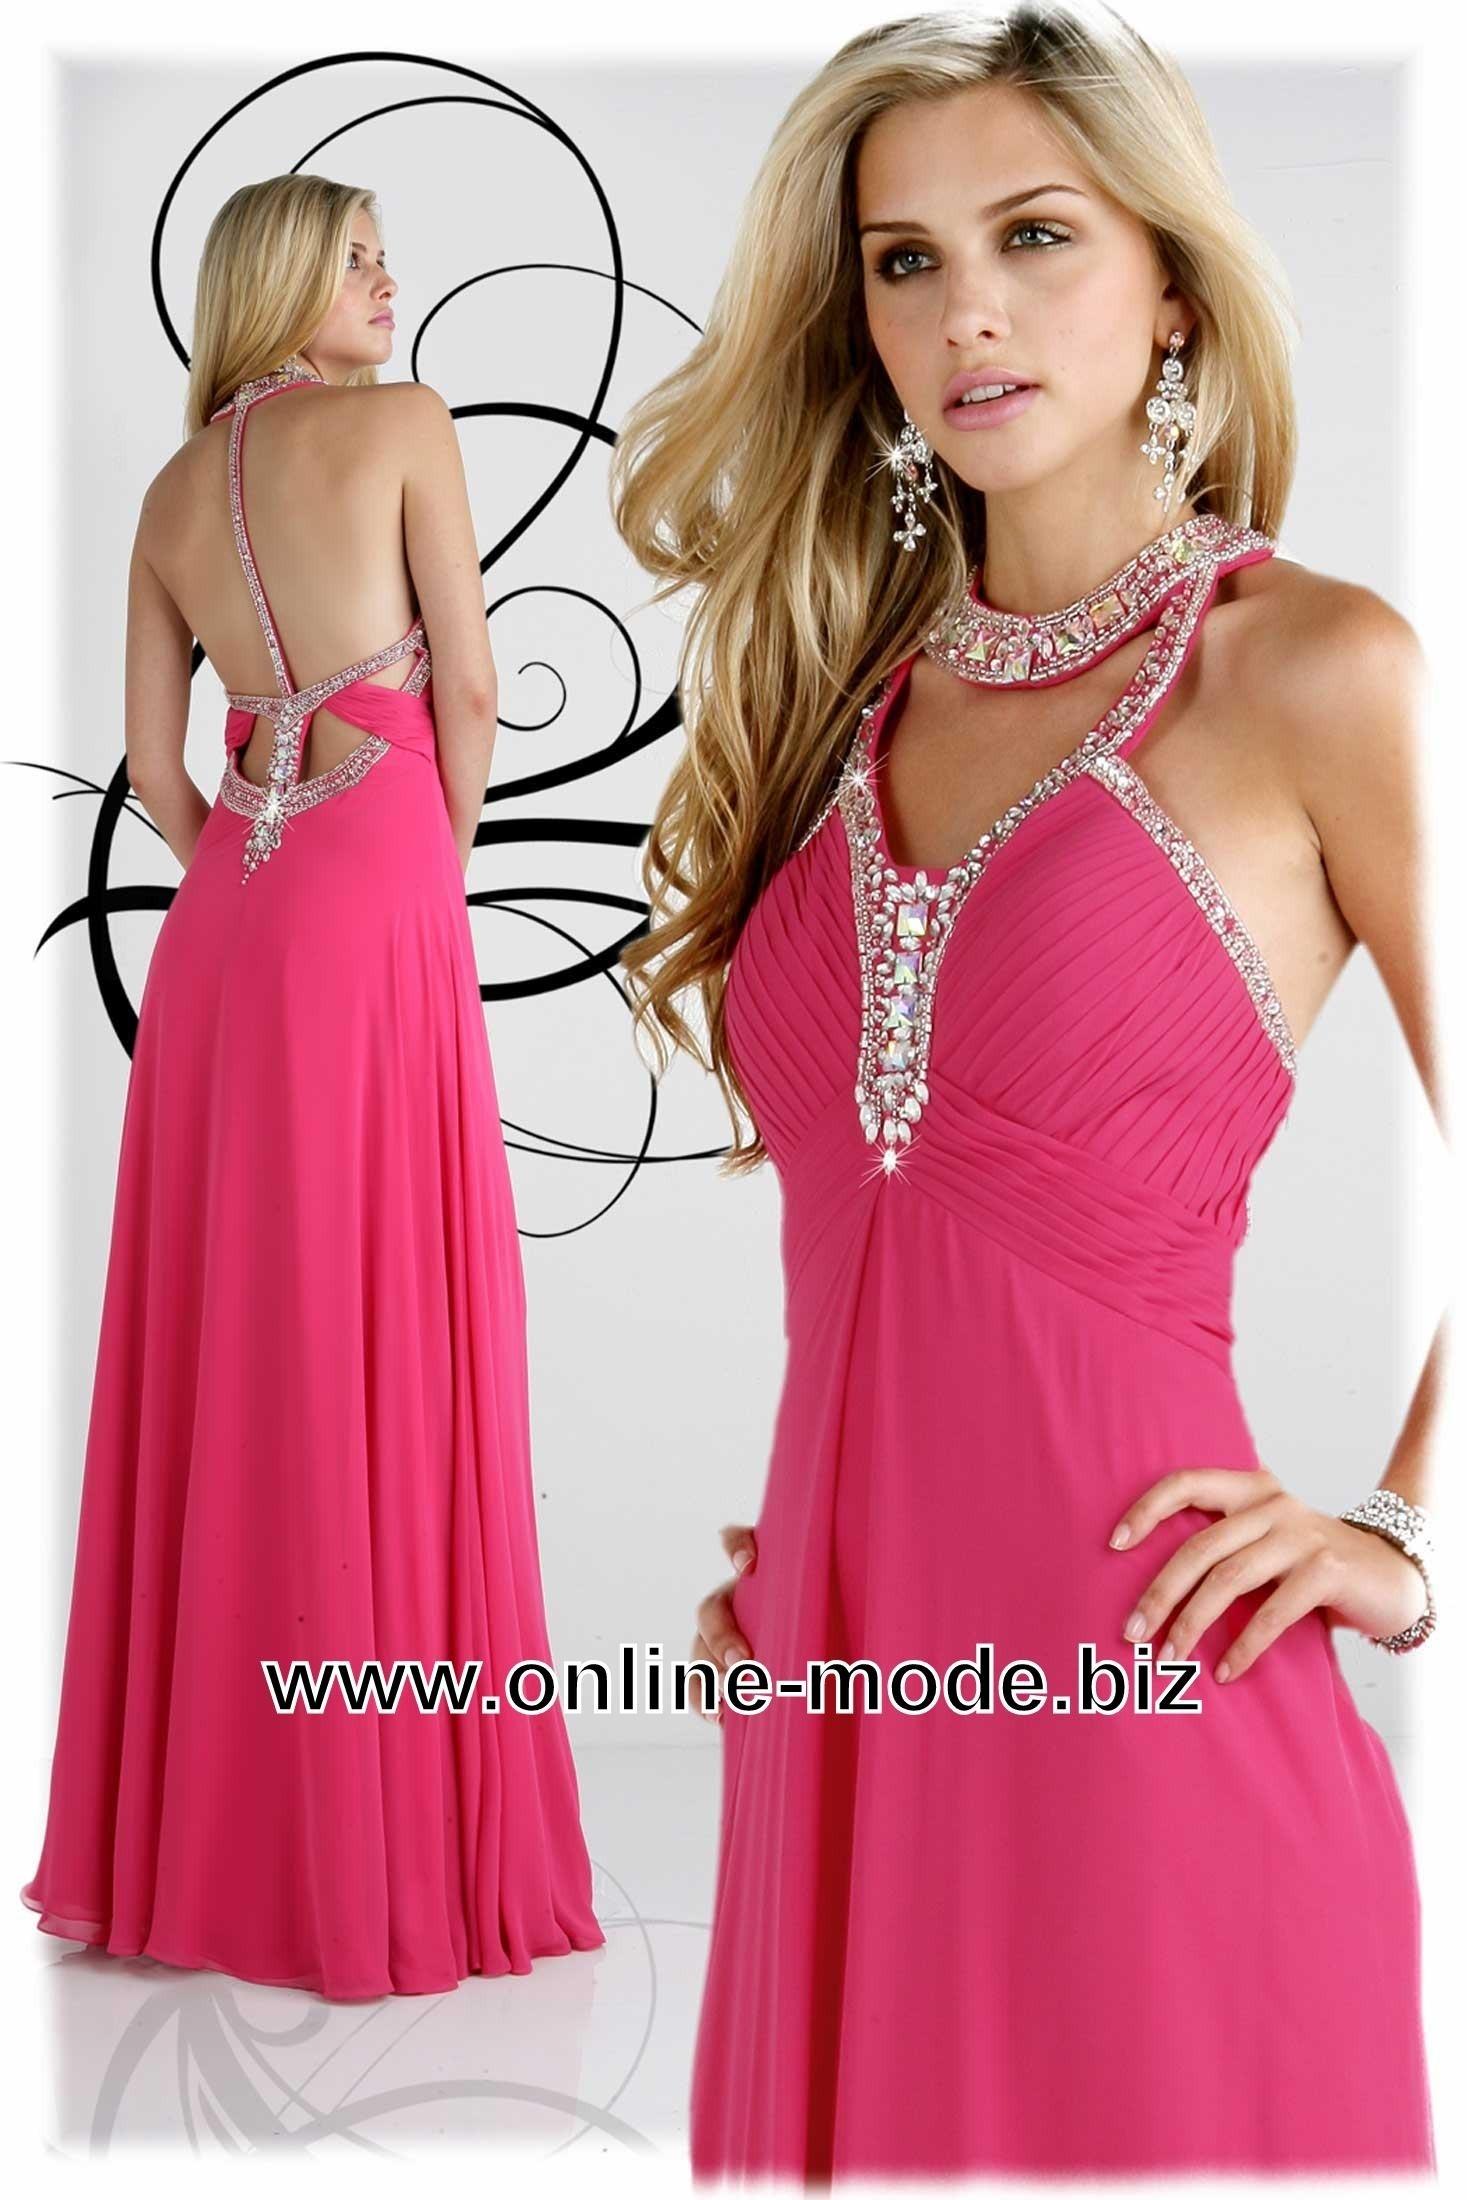 Elegant Schöne Kleider Hochzeitsgast Ärmel10 Ausgezeichnet Schöne Kleider Hochzeitsgast Stylish